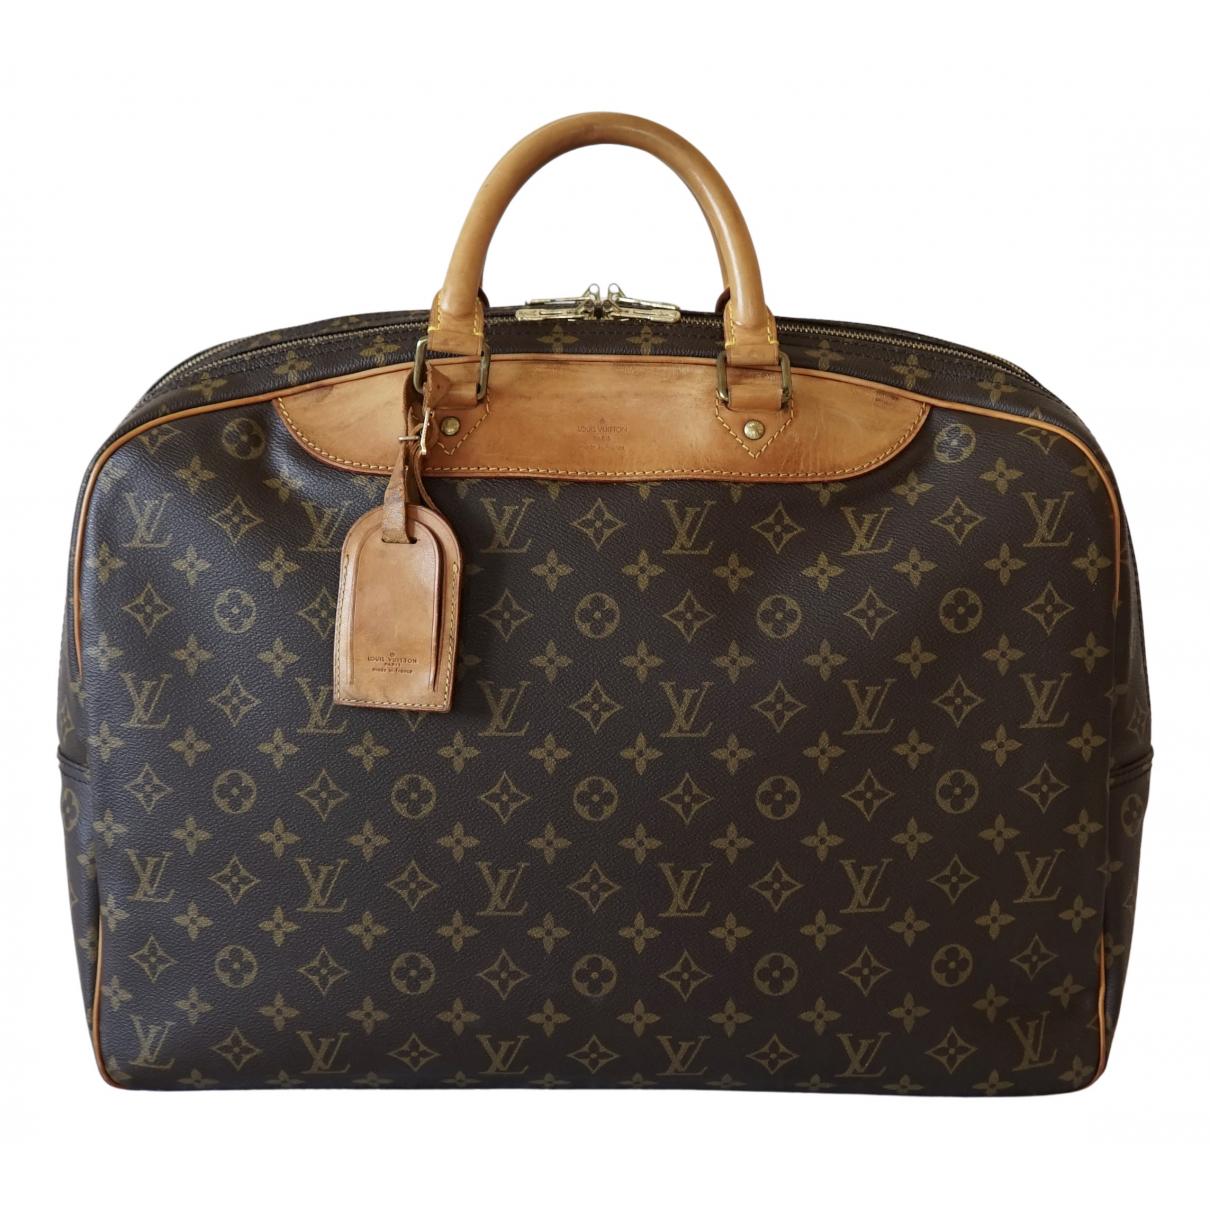 Bolso 48h Alize de Lona Louis Vuitton